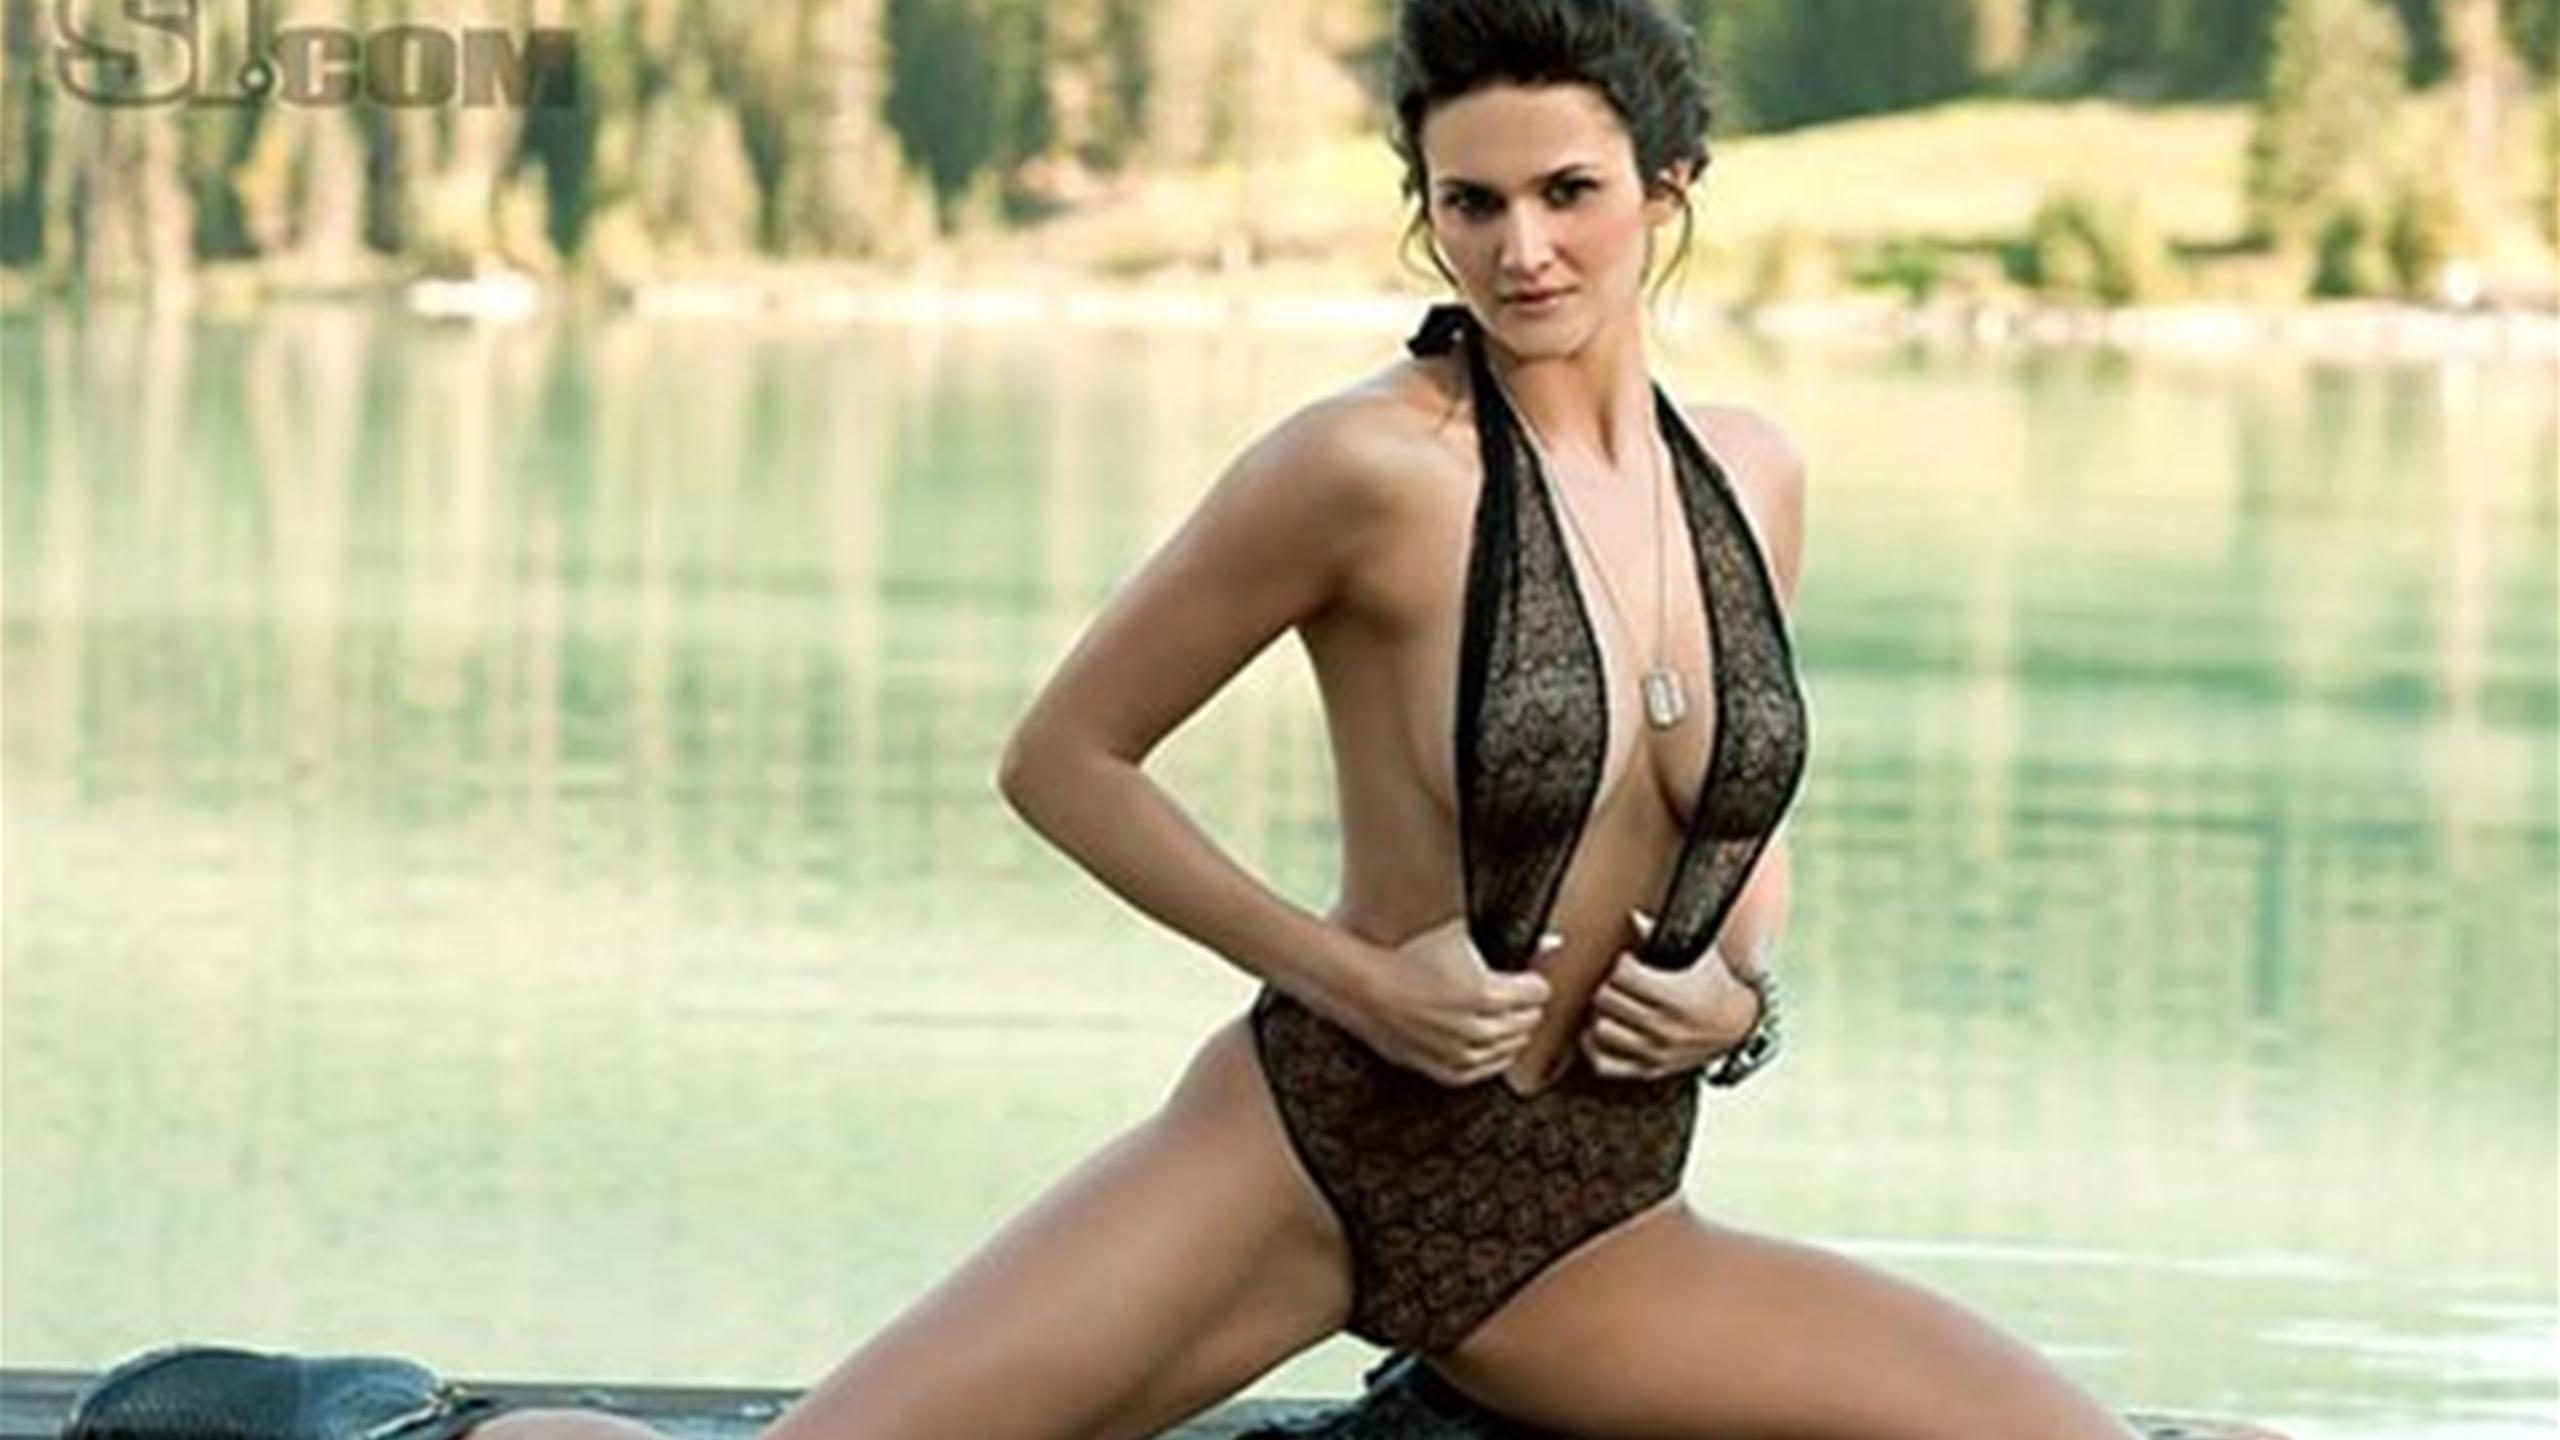 Leryn franco nude videos #6